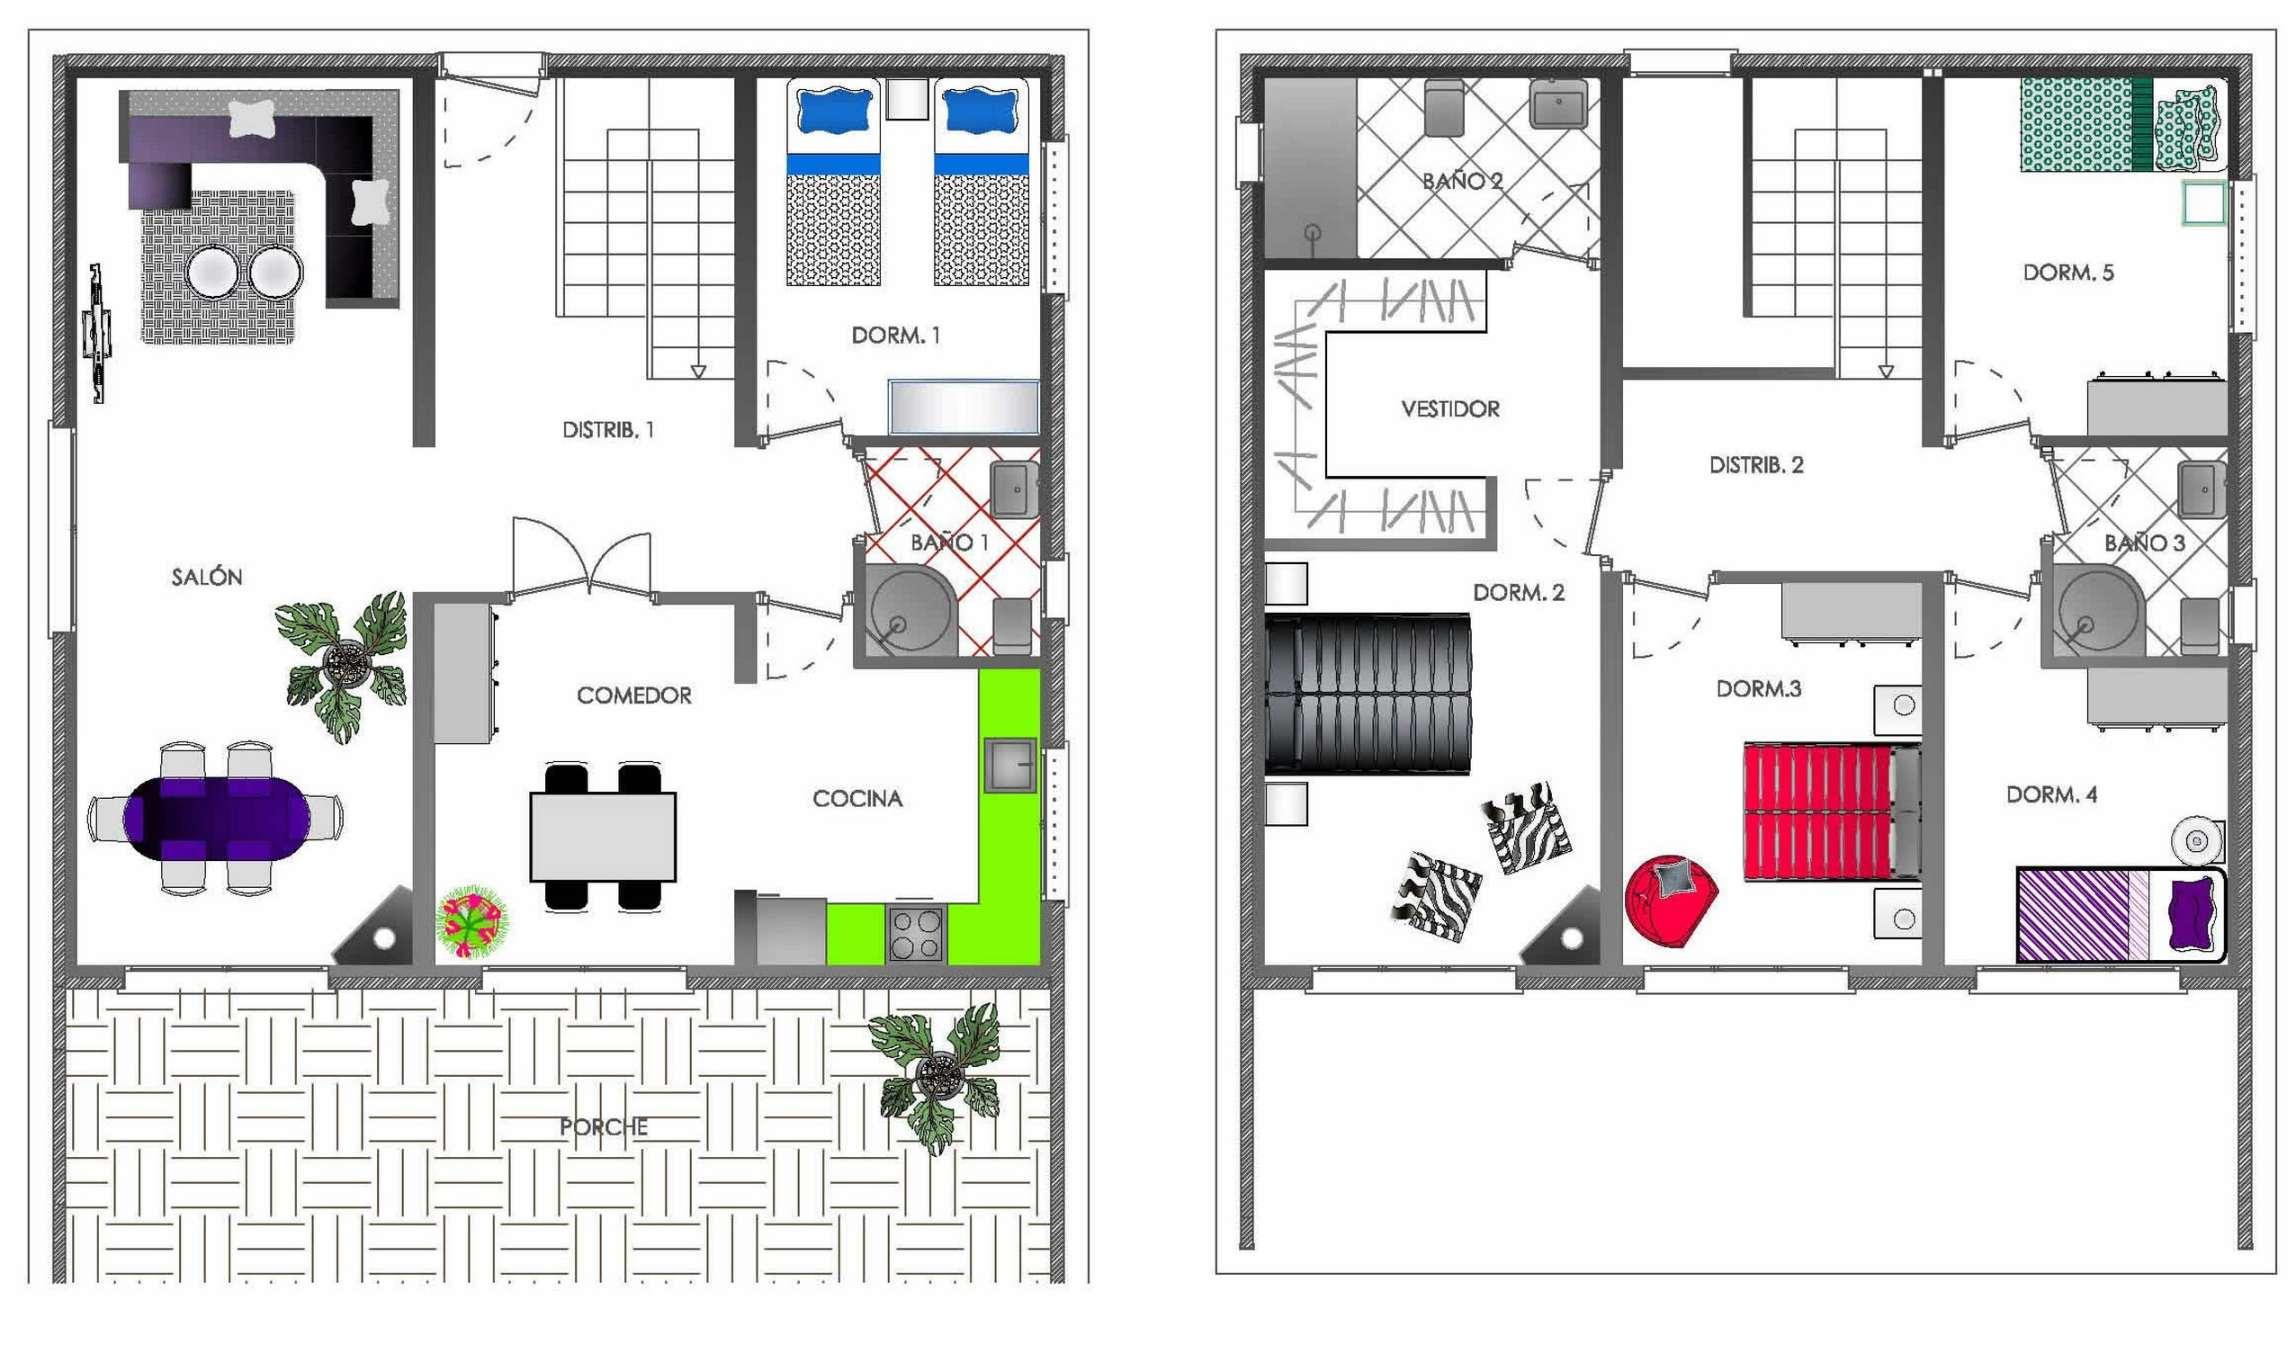 Planos de casas modernas de dos plantas planos y for Planos de casas de dos plantas modernas